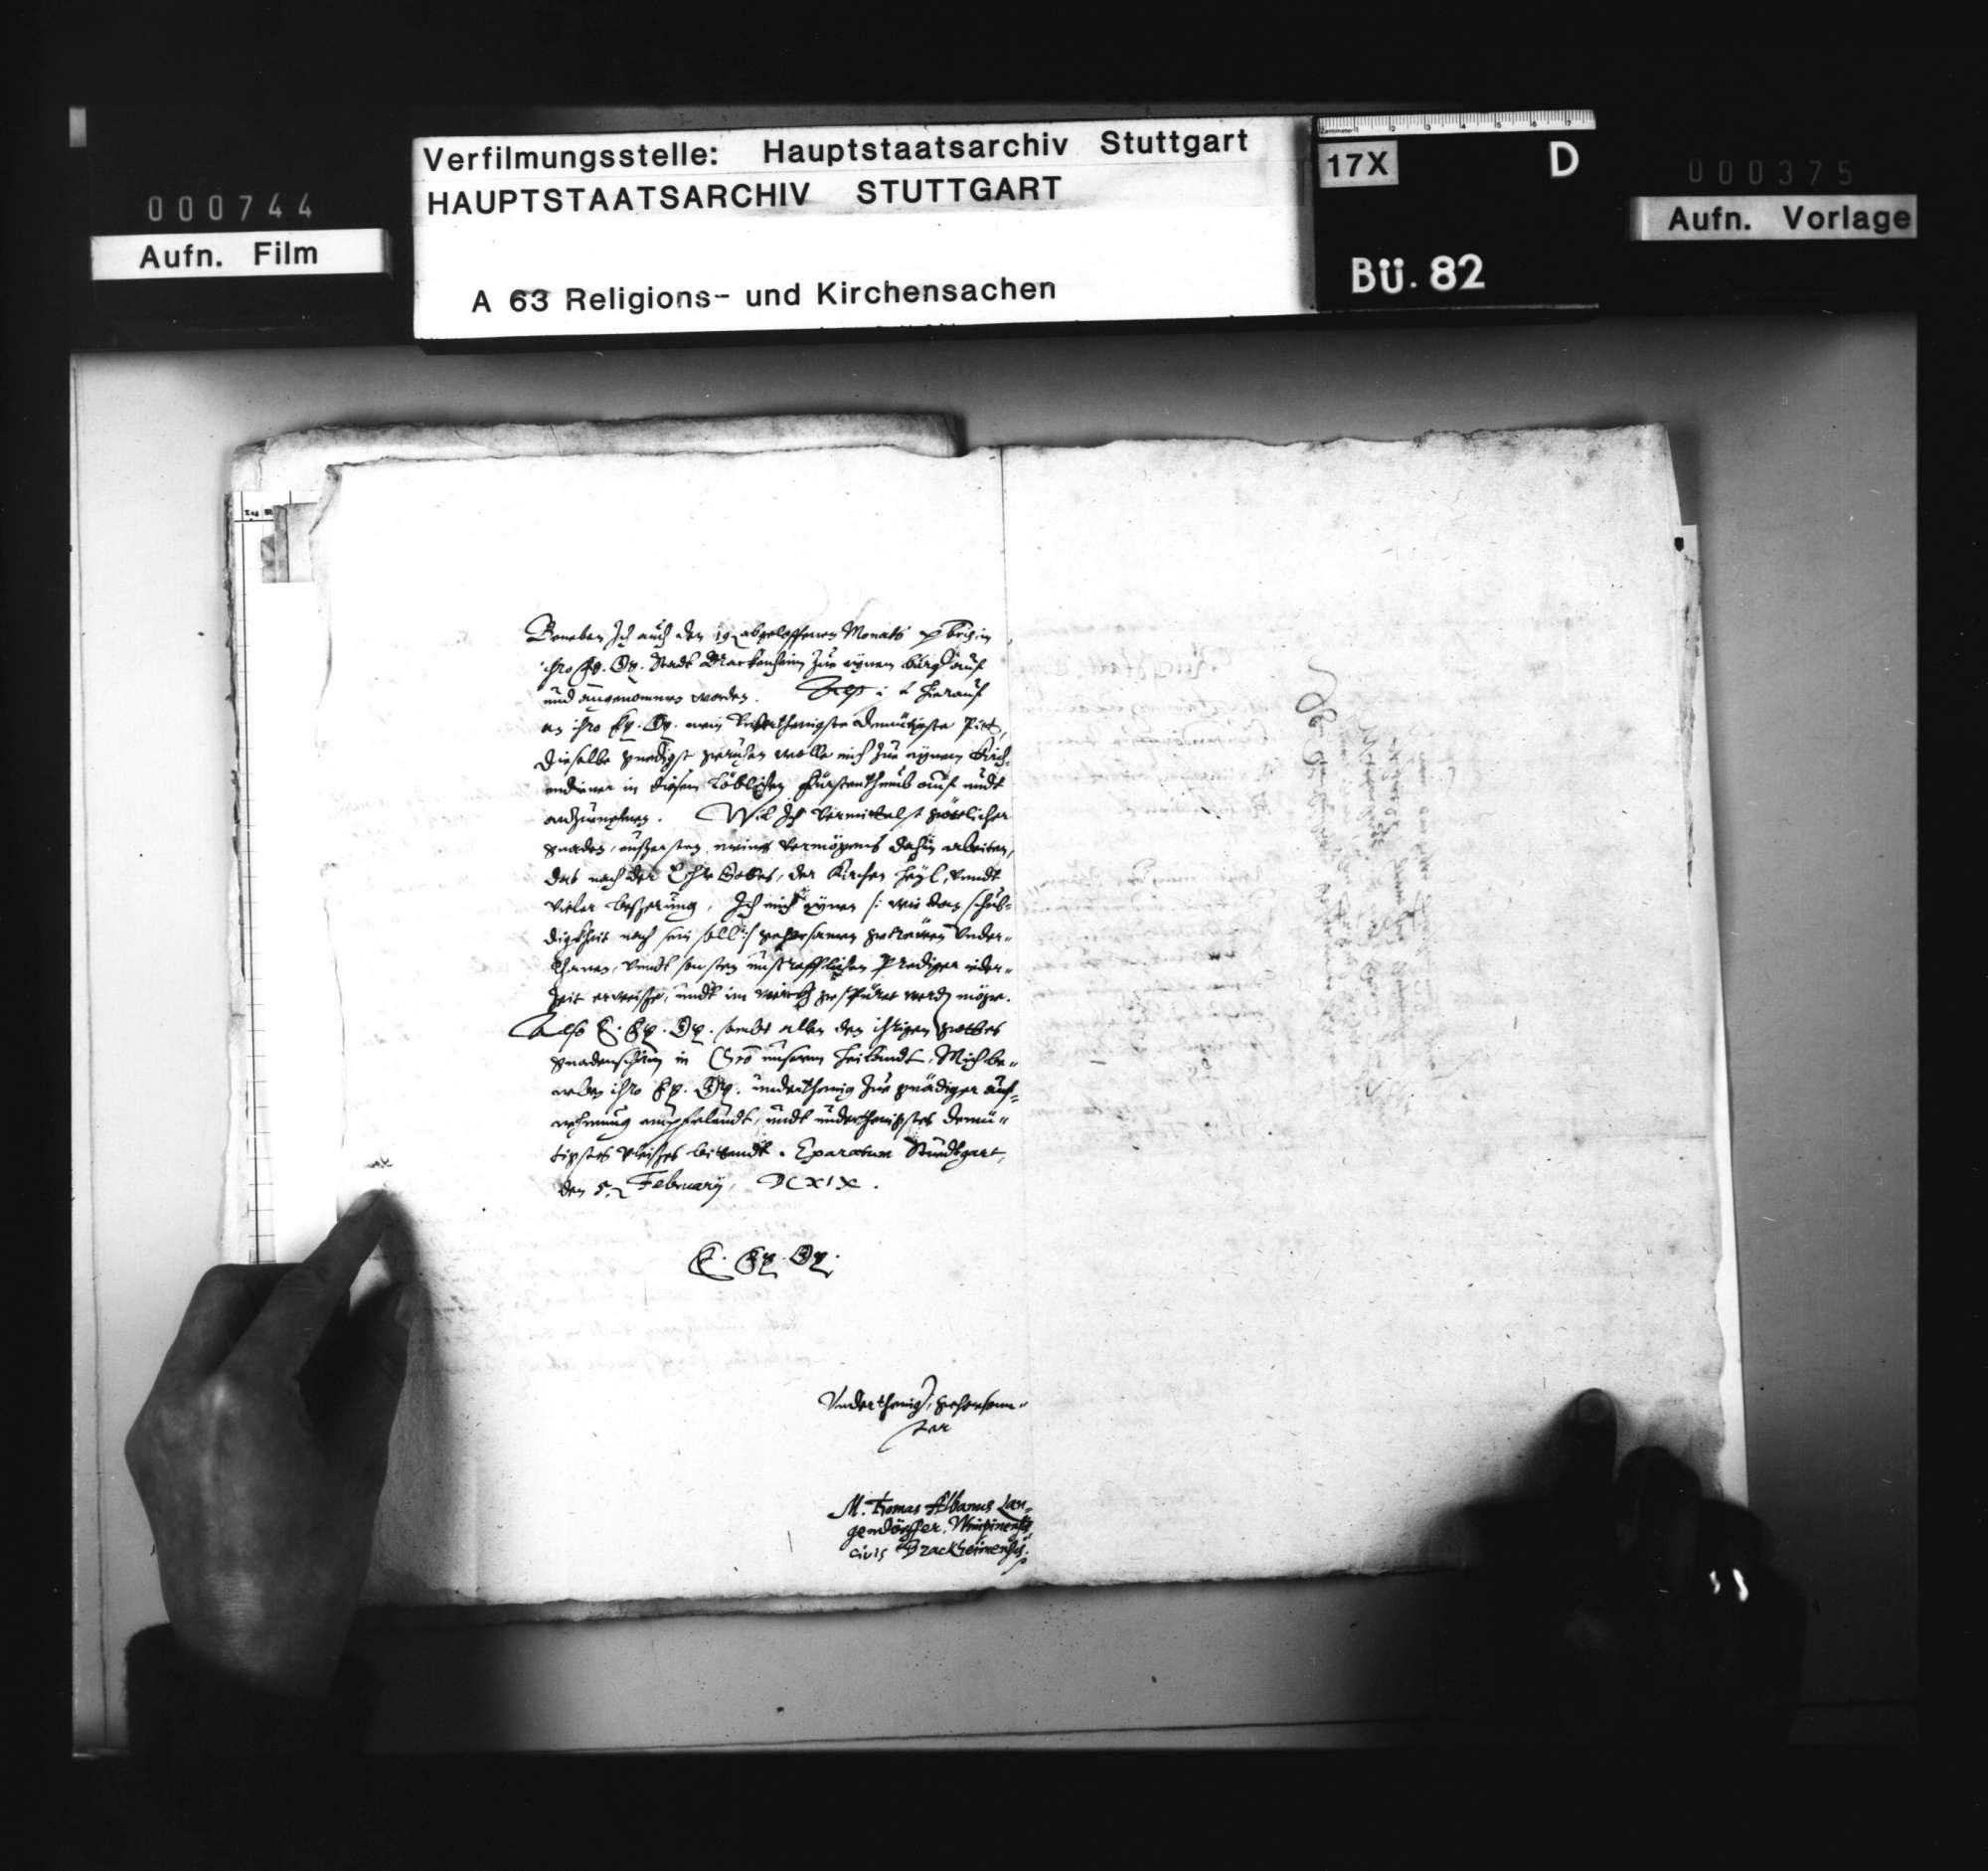 Bitte des M. Langendörfer von Wimpfen um Verwendung im württembergischen Kirchendienst, Bild 2